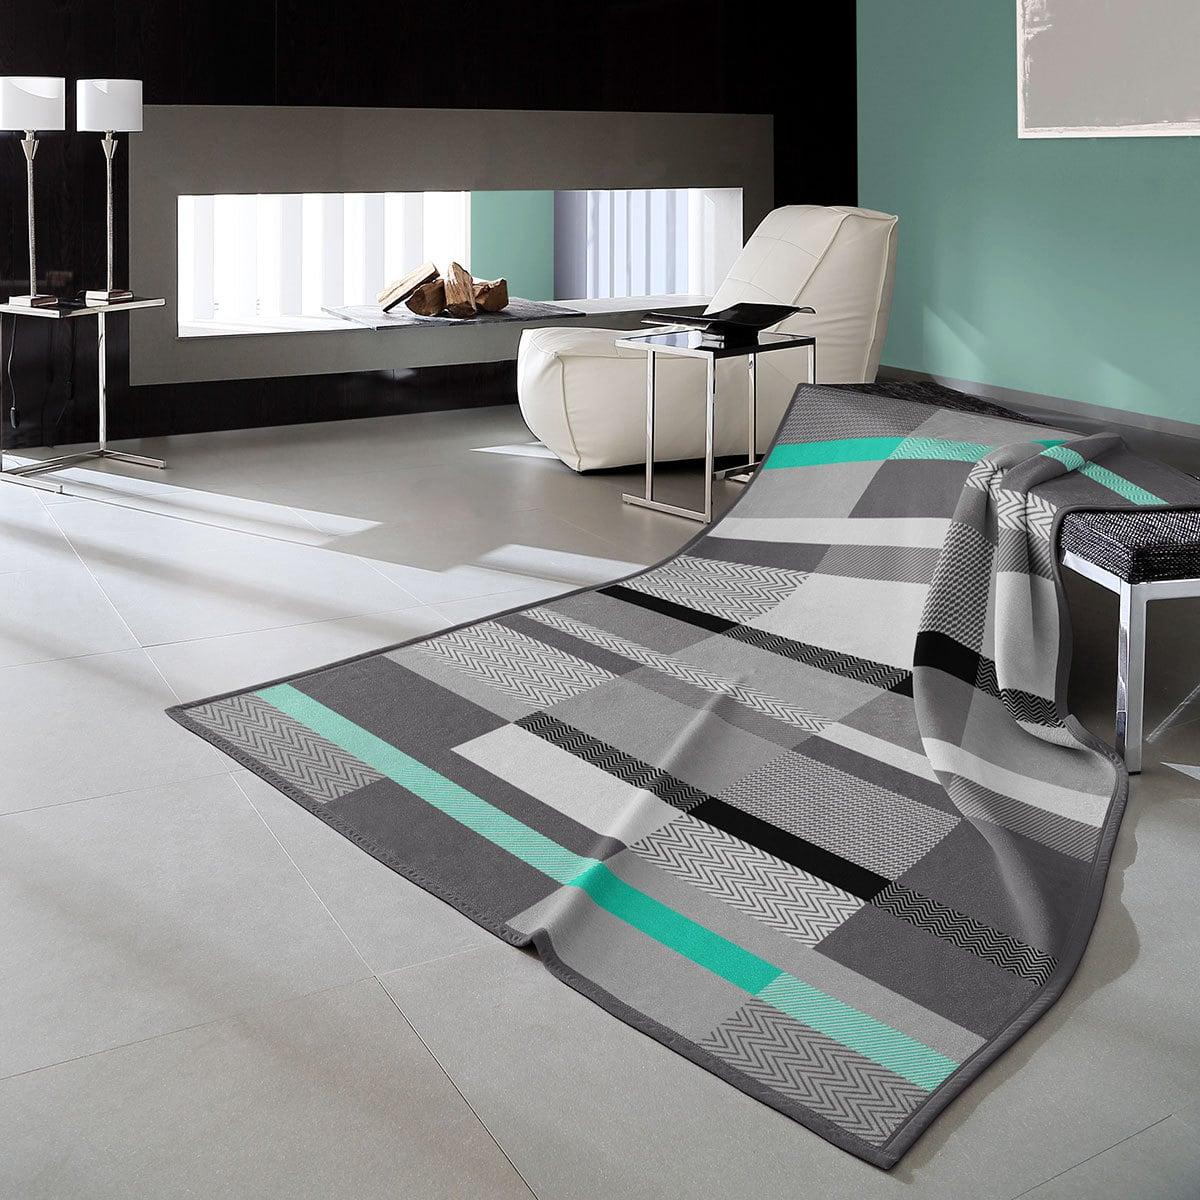 biederlack wohndecke dream cotton attribut t rkis g nstig online kaufen bei bettwaren shop. Black Bedroom Furniture Sets. Home Design Ideas